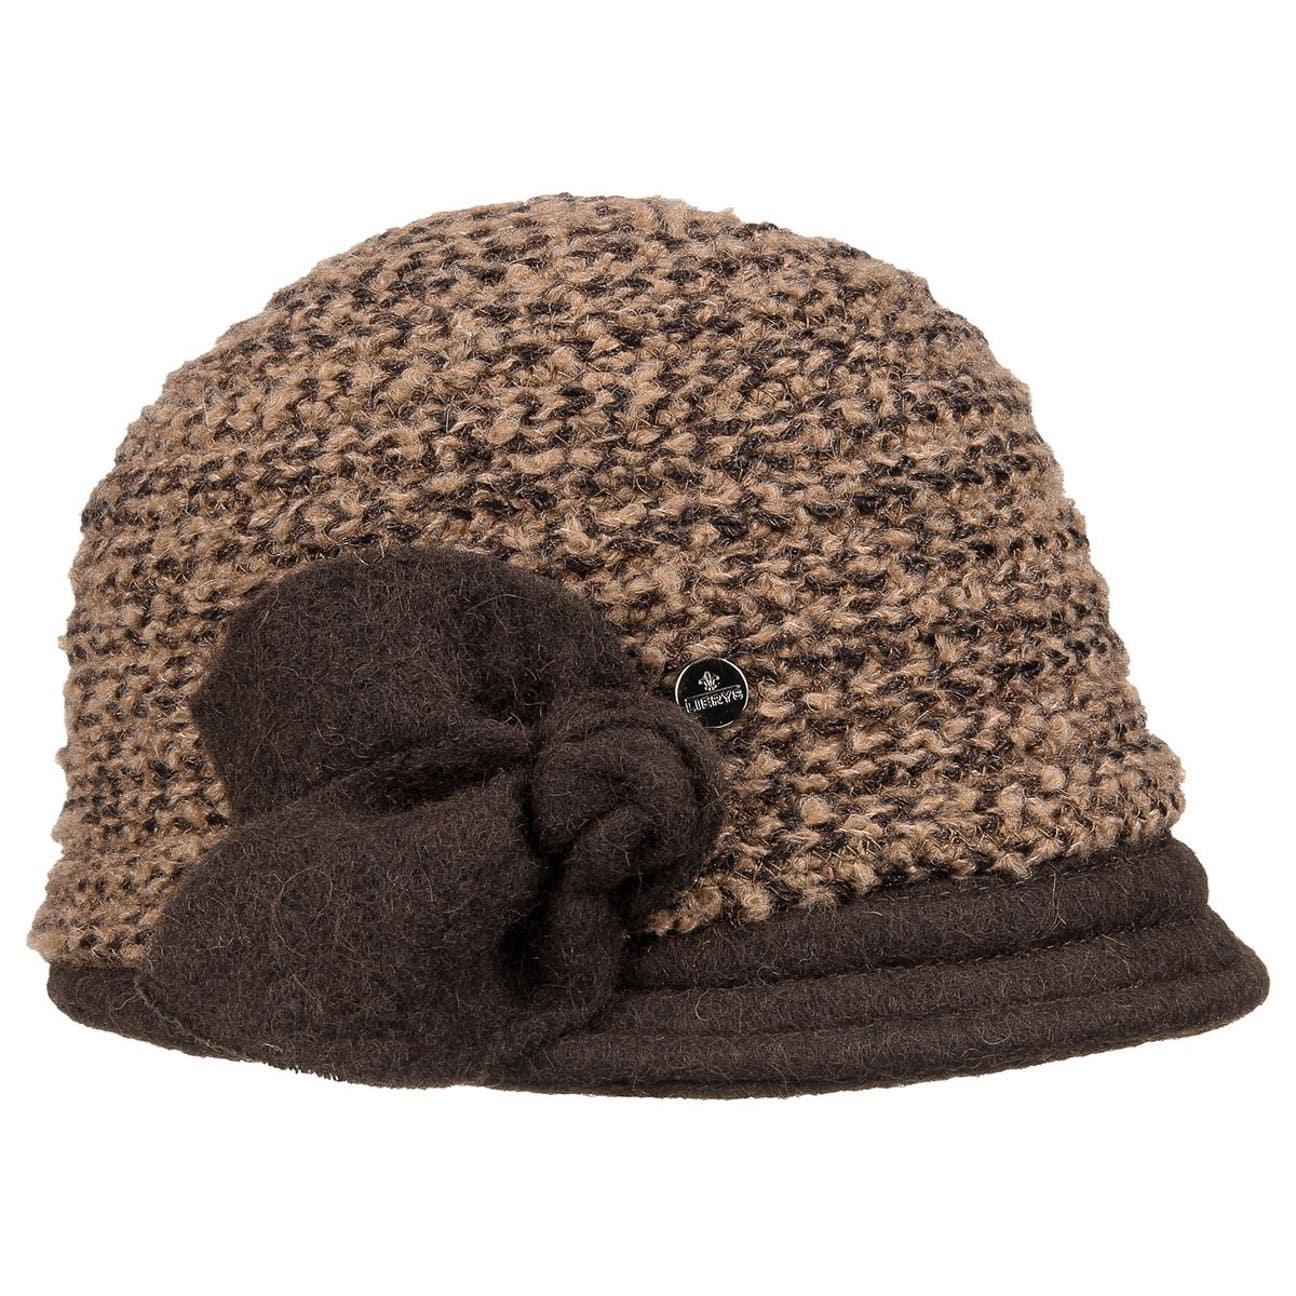 180 s wool hat by lierys eur 59 00 gt hats caps